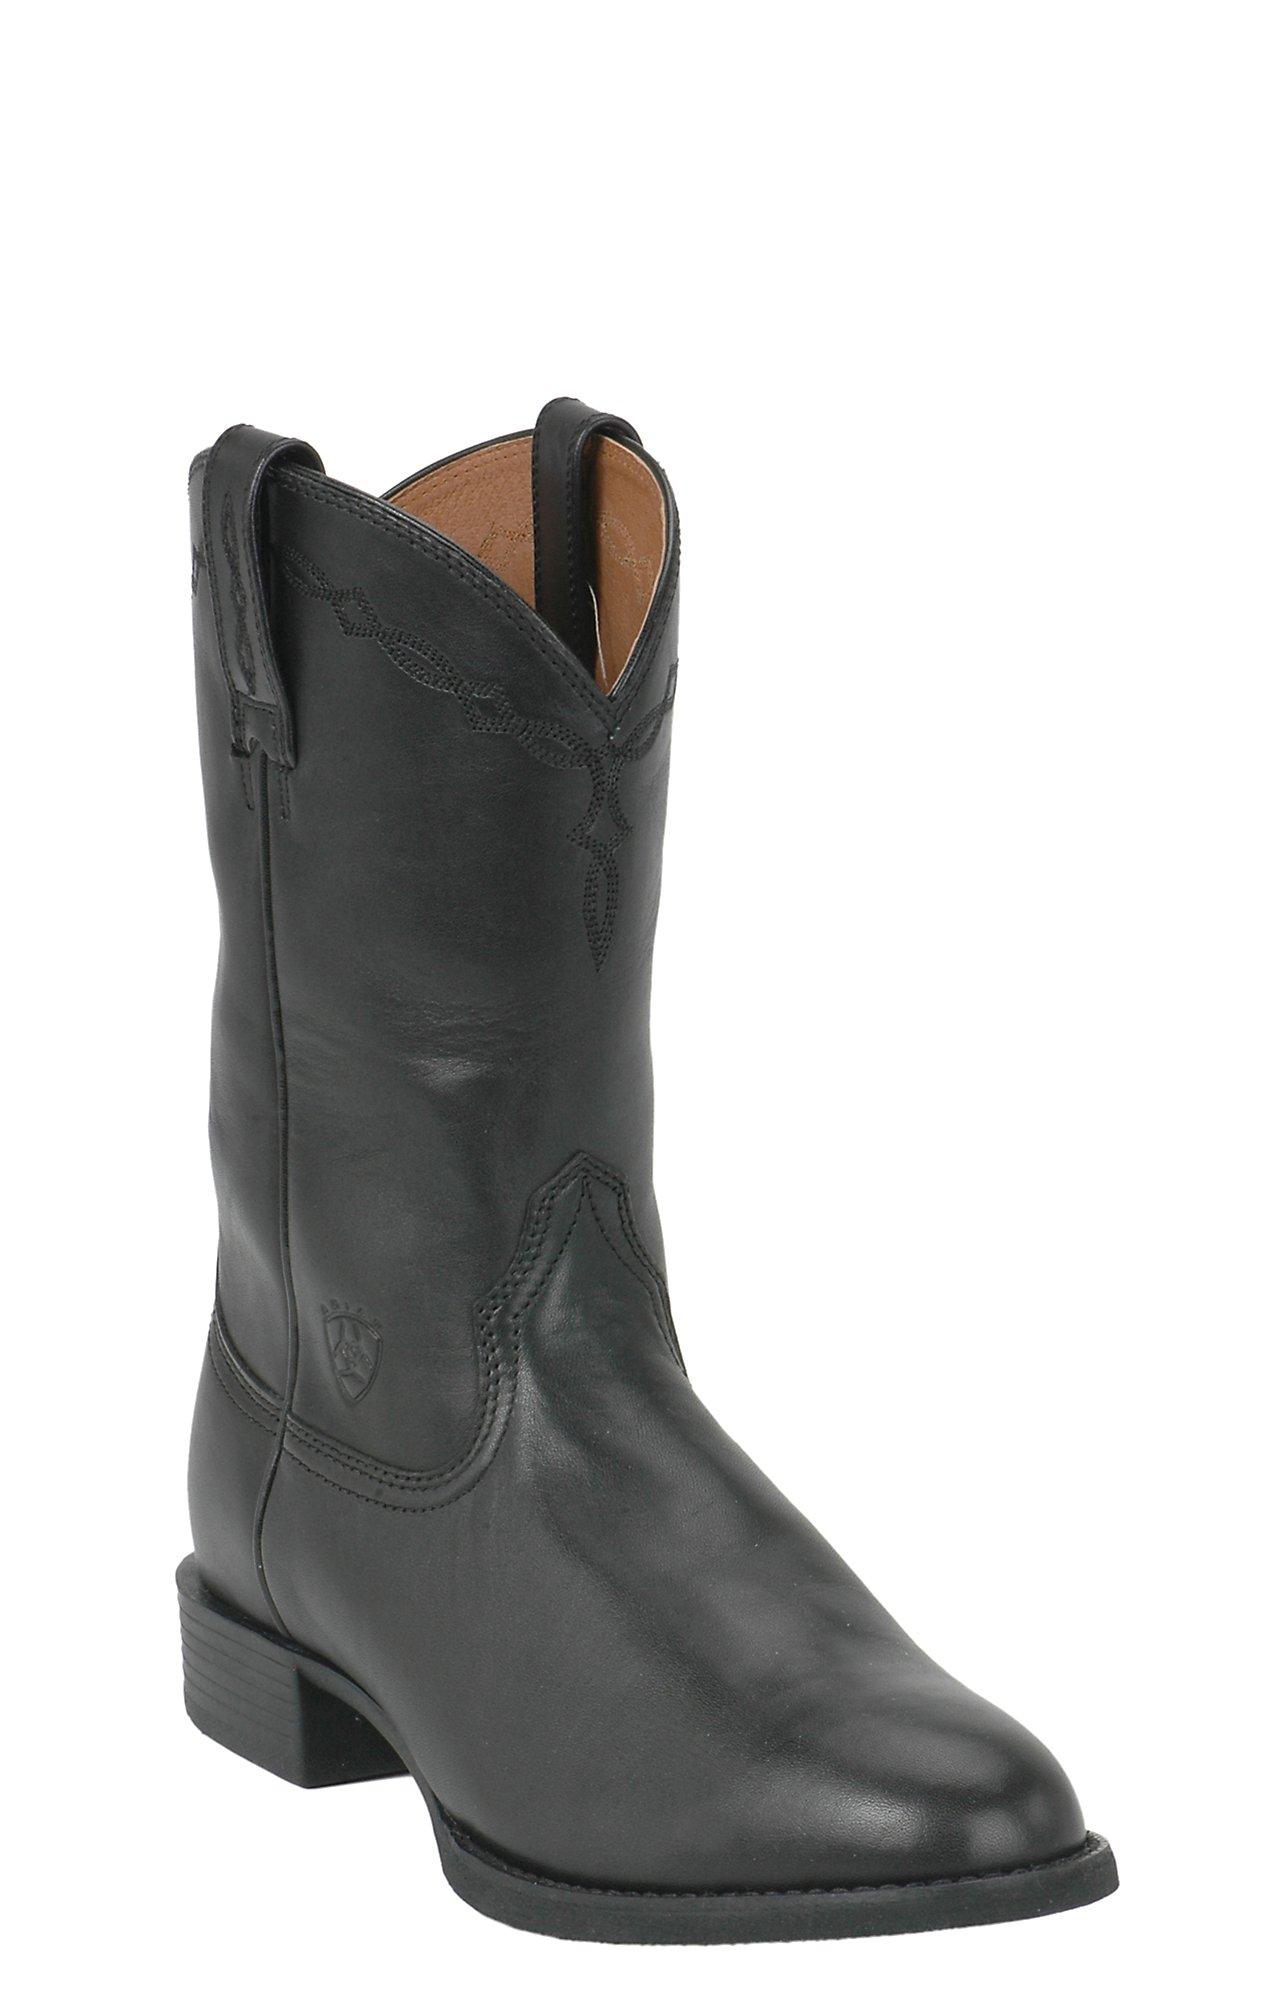 Ariat Heritage Roper(Men's) -Distressed Brown Full Grain Leather